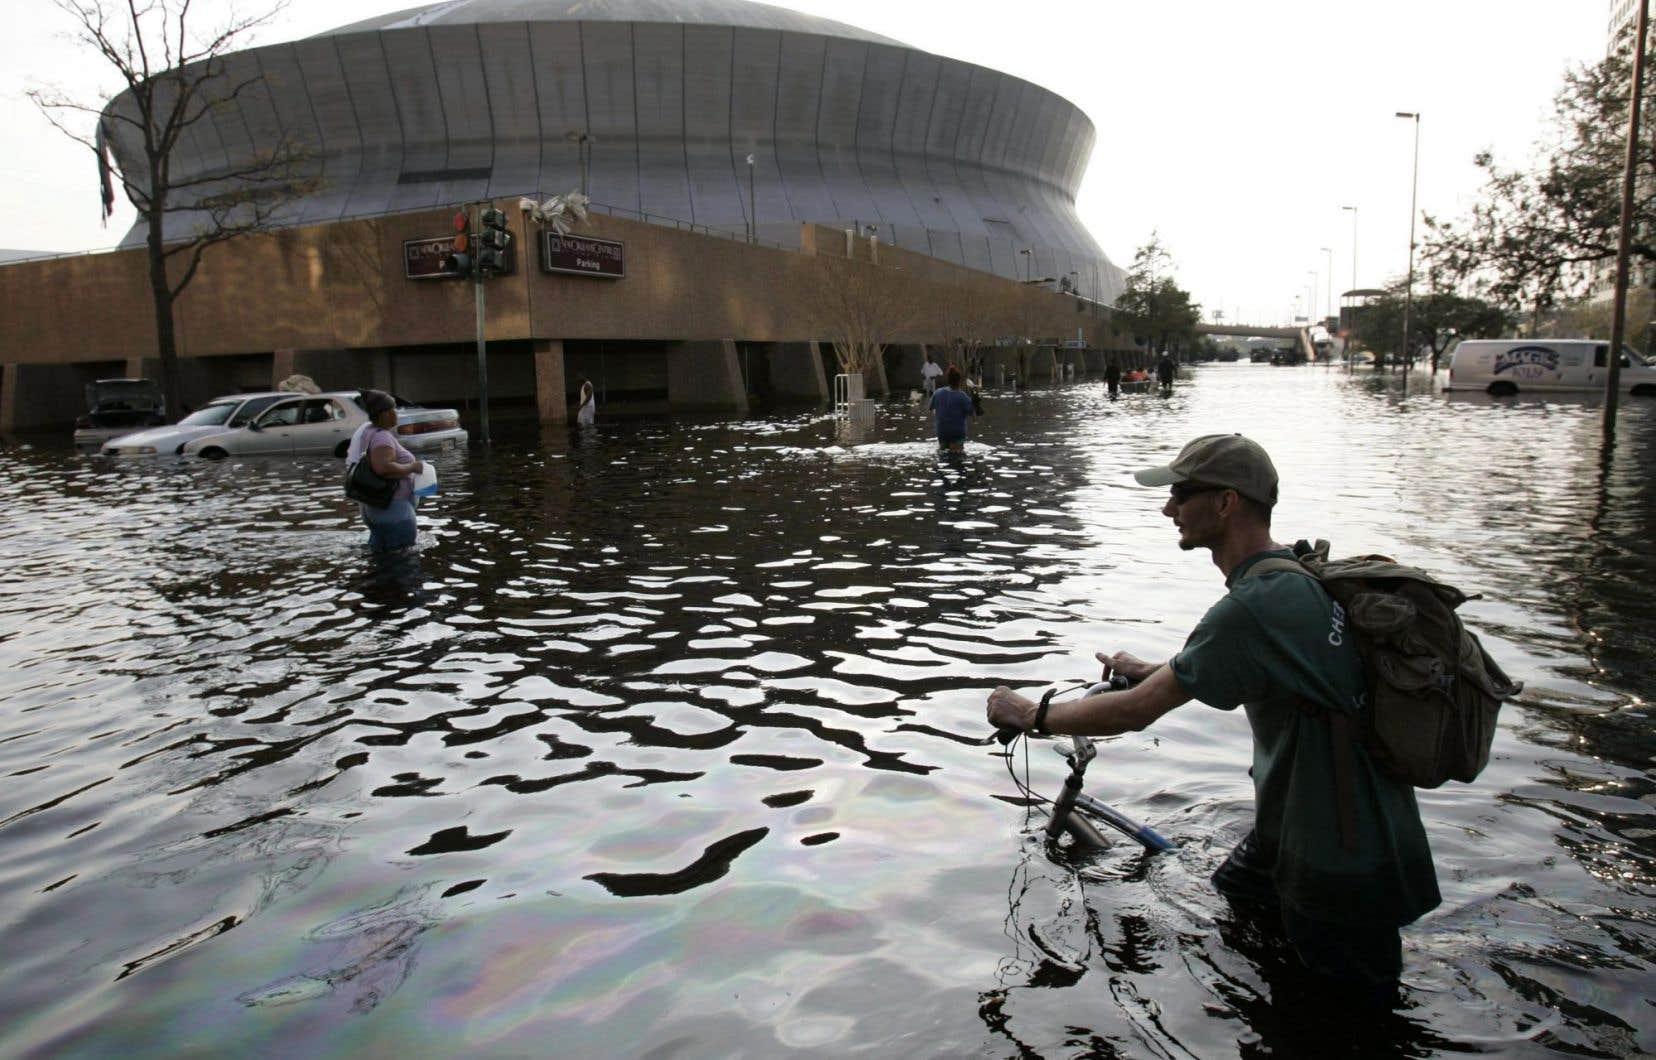 Avec le passage de «Katrina», en 2005, les digues cèdent à La Nouvelle-Orléanset environ 80% de la ville est submergée.